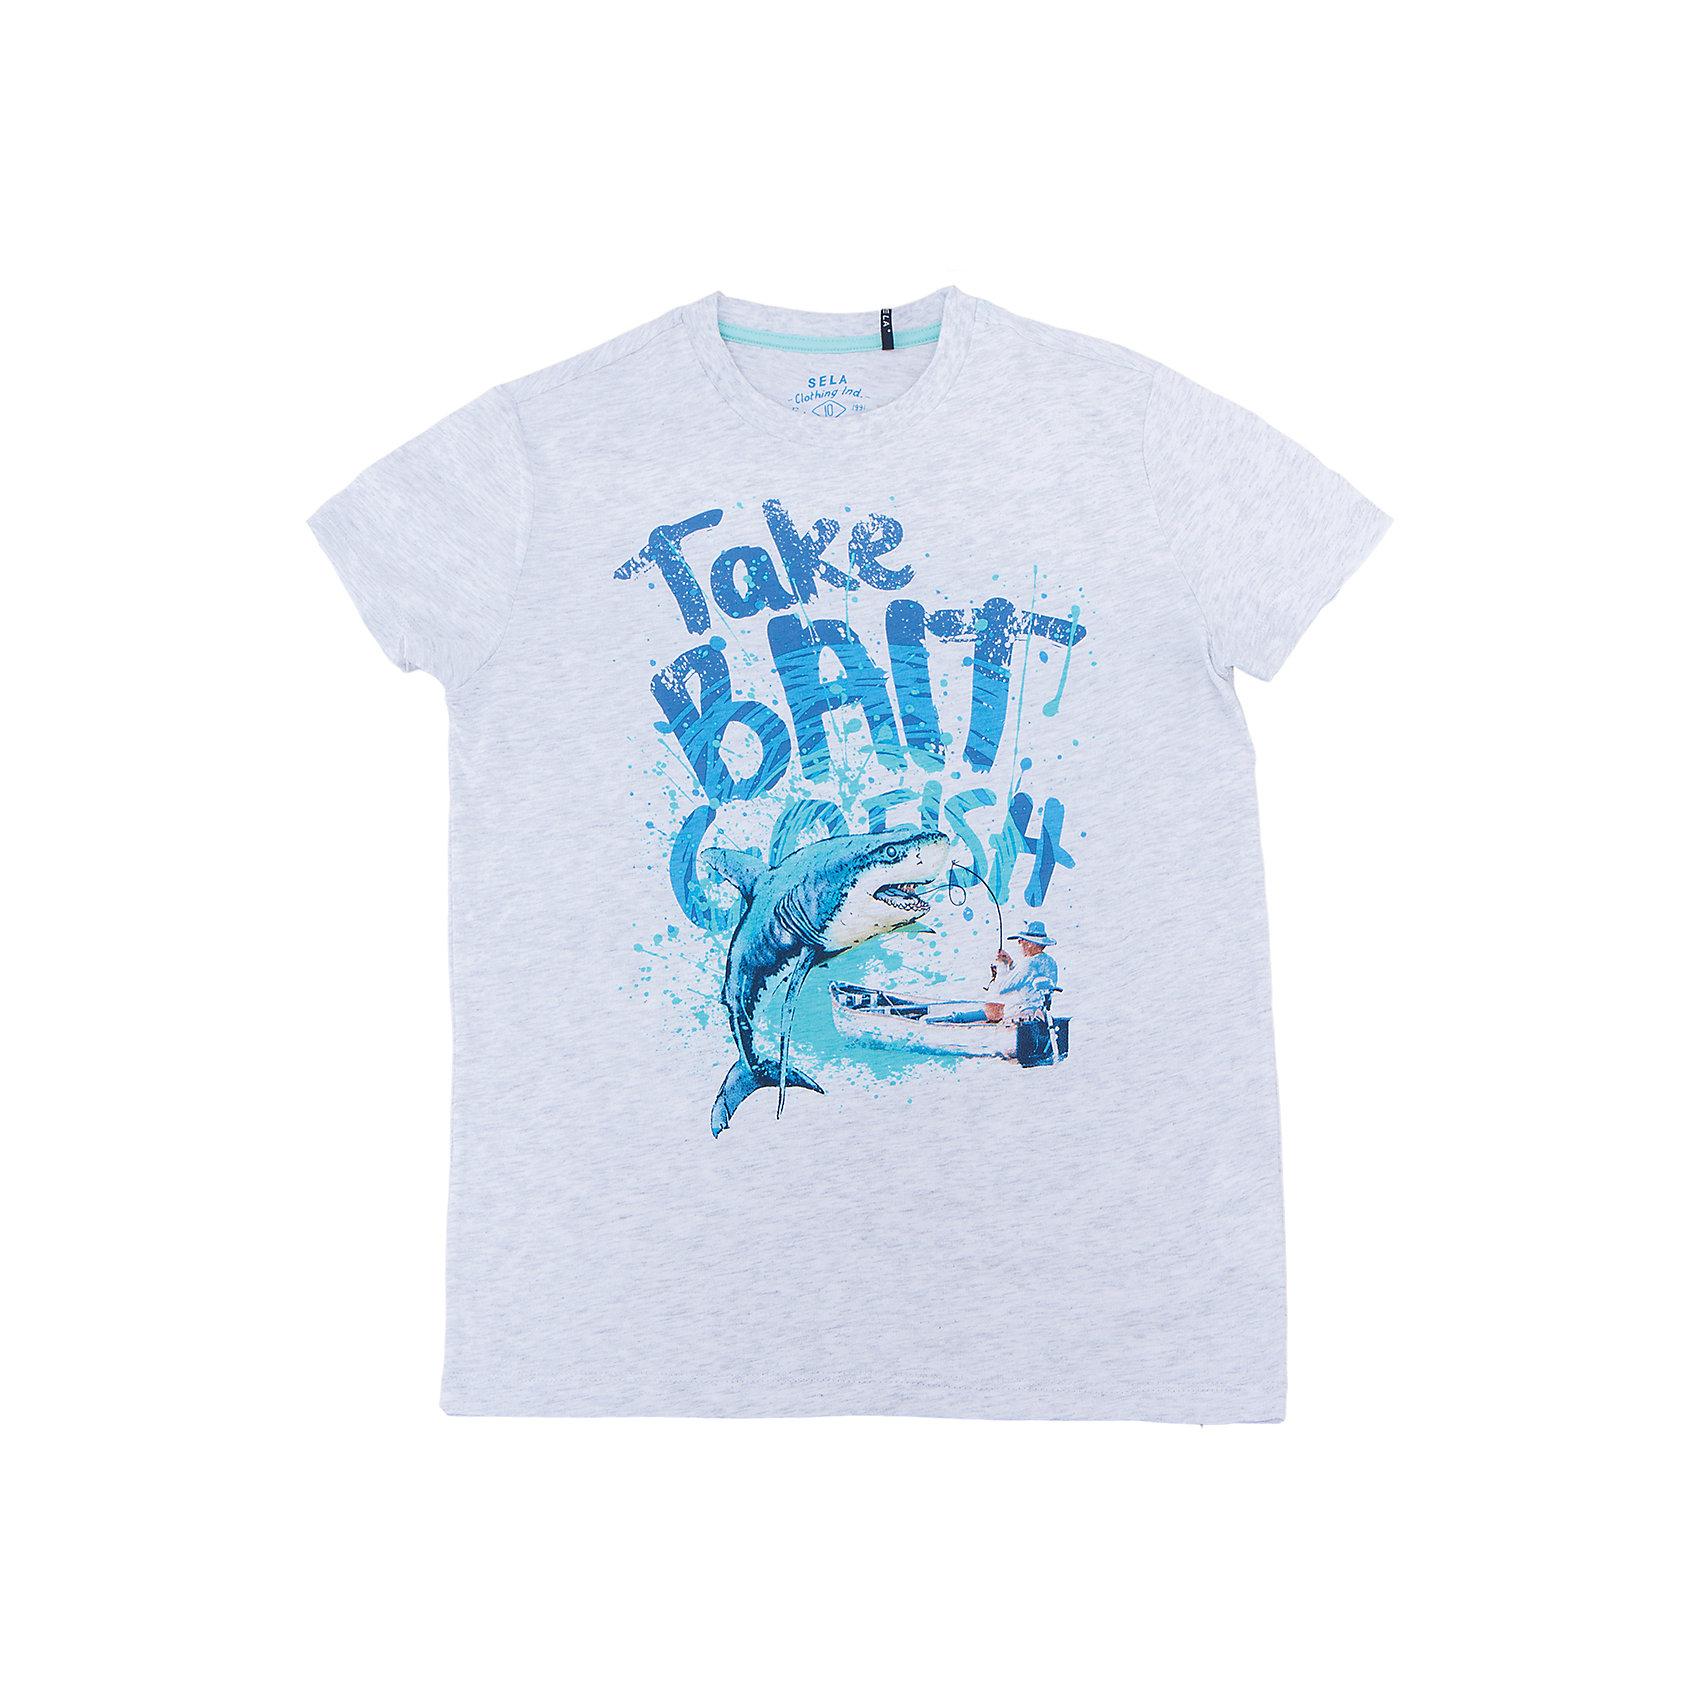 Футболка для мальчика SELAФутболки, поло и топы<br>Характеристики товара:<br><br>• цвет: серый<br>• состав: 100% хлопок<br>• принт<br>• короткие рукава<br>• округлый горловой вырез<br>• страна бренда: Российская Федерация<br><br>В новой коллекции SELA отличные модели одежды! Эта футболка для мальчика поможет разнообразить гардероб ребенка и обеспечить комфорт. Она отлично сочетается с джинсами и брюками. Удобная базовая вещь!<br><br>Футболку для мальчика от популярного бренда SELA (СЕЛА) можно купить в нашем интернет-магазине.<br><br>Ширина мм: 230<br>Глубина мм: 40<br>Высота мм: 220<br>Вес г: 250<br>Цвет: серый<br>Возраст от месяцев: 96<br>Возраст до месяцев: 108<br>Пол: Мужской<br>Возраст: Детский<br>Размер: 134,140,146,152,122,128<br>SKU: 5304088